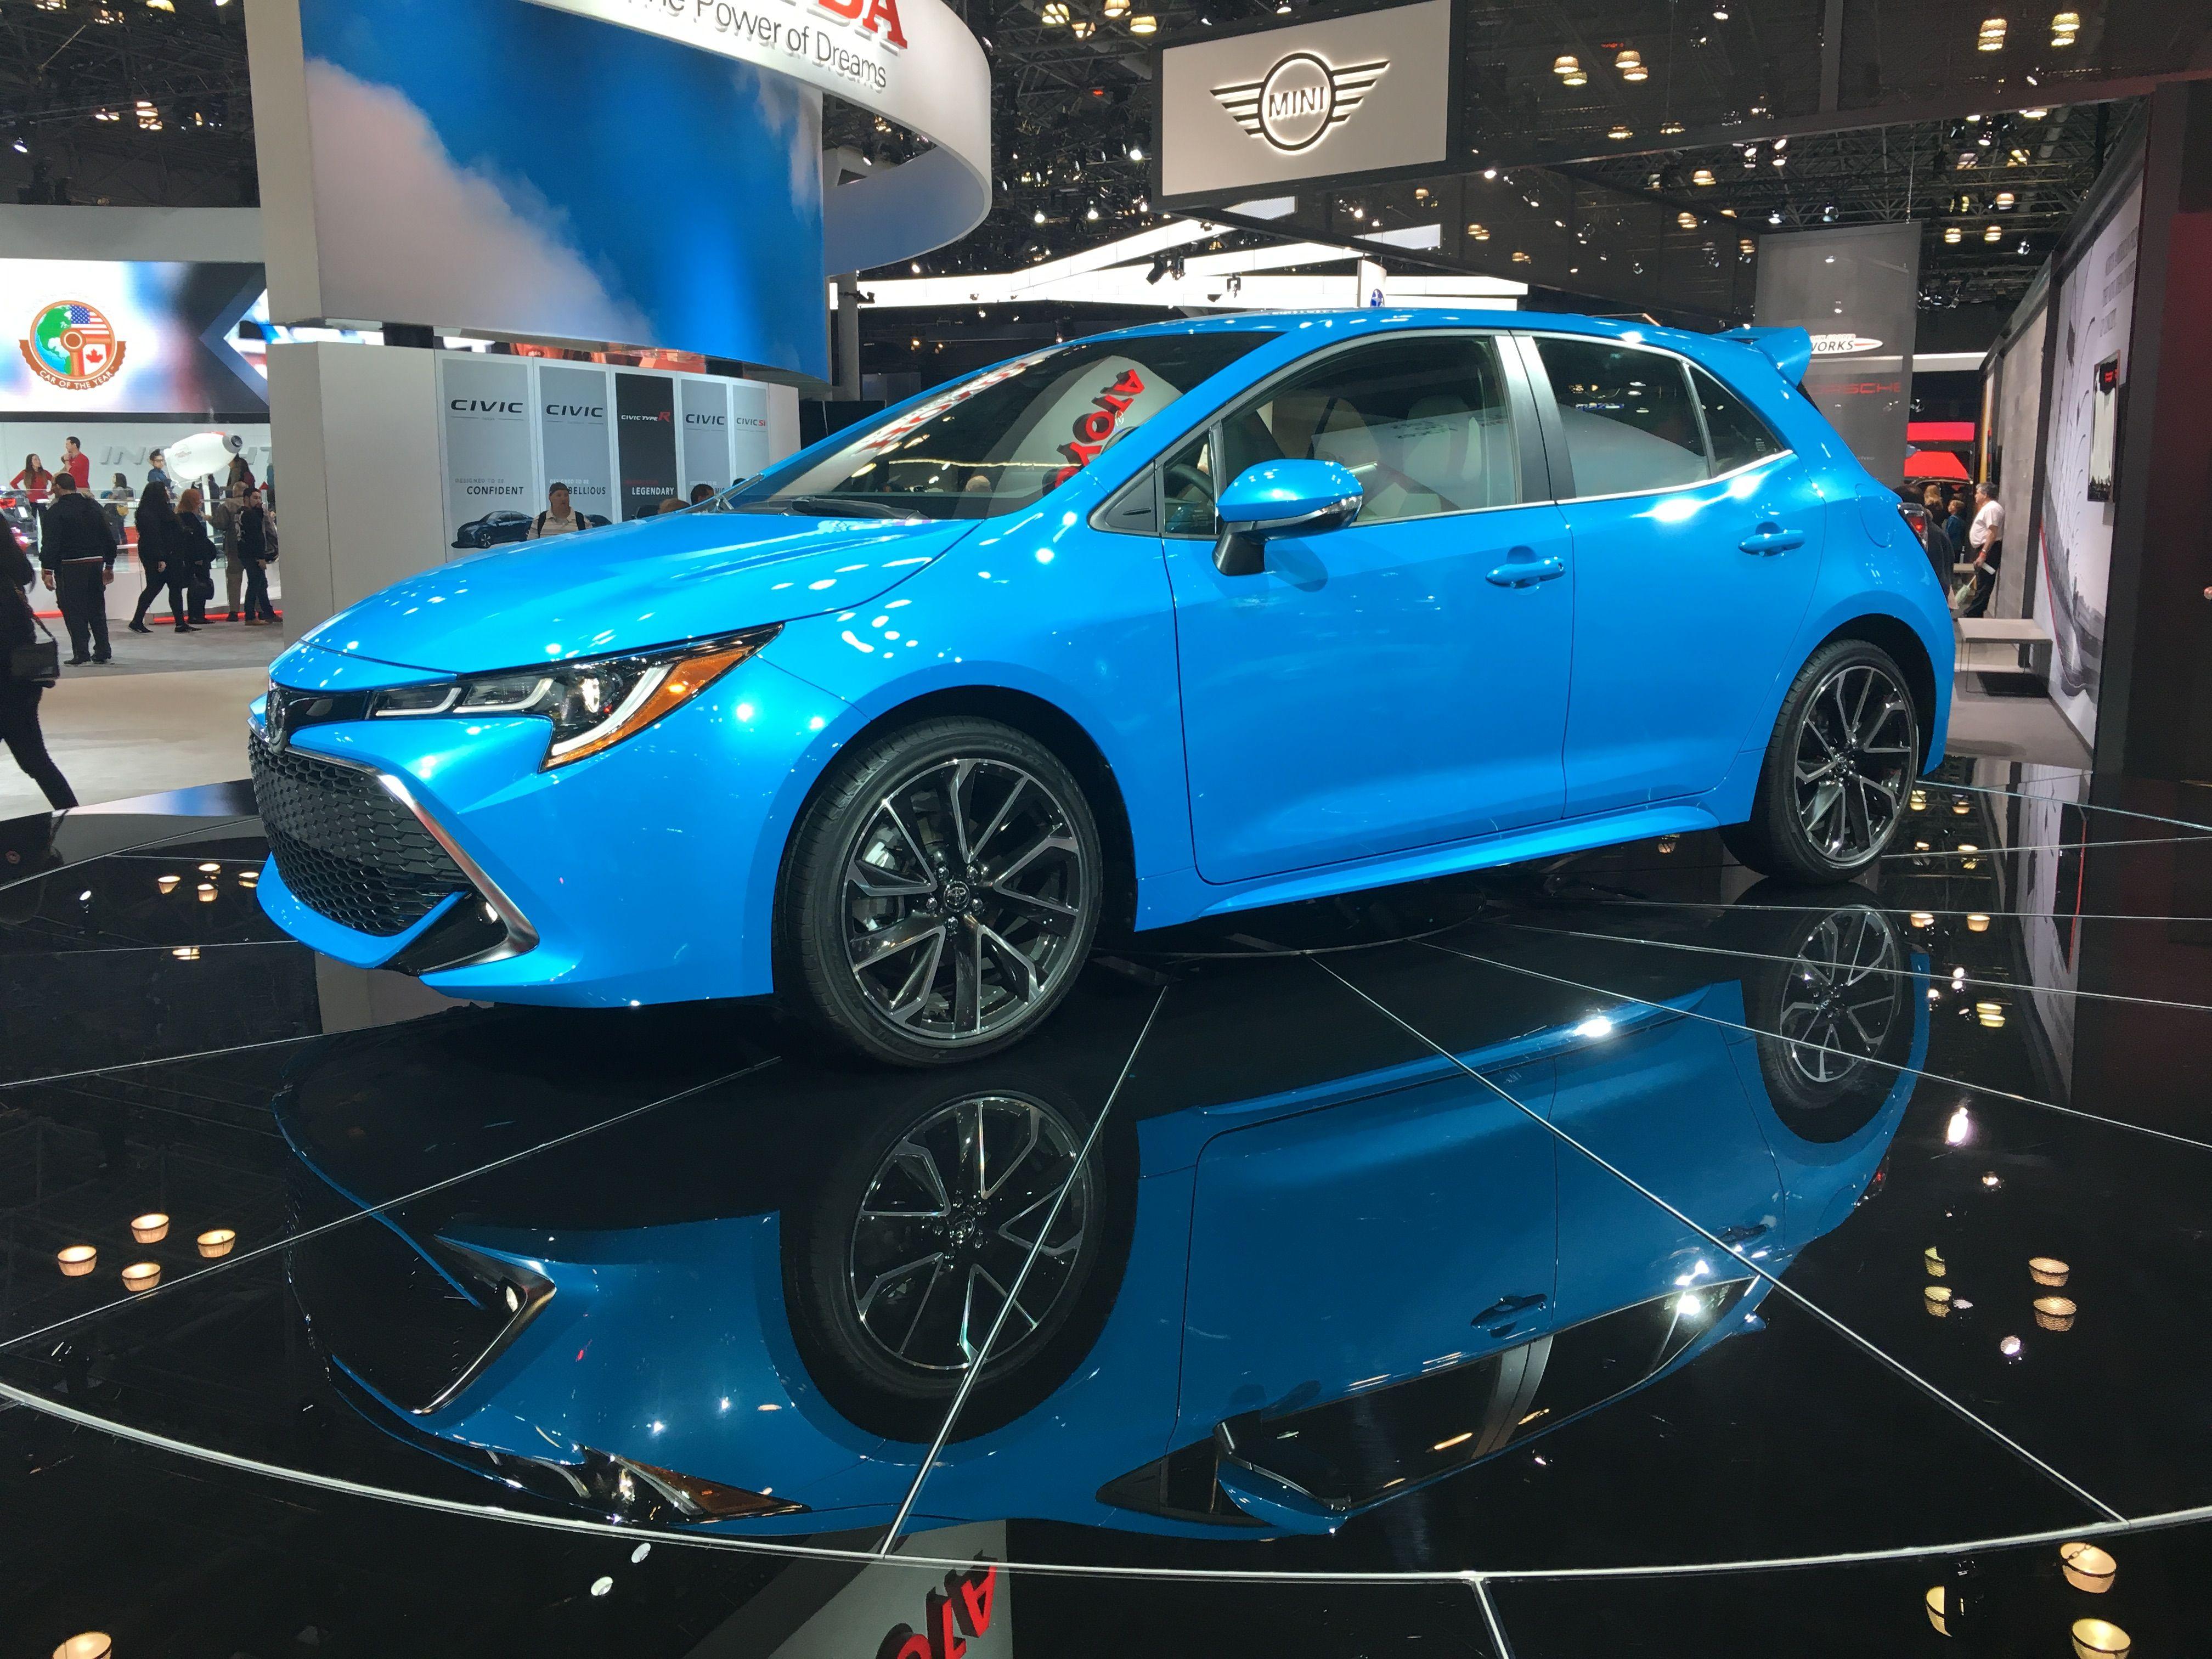 2019 Toyota Corolla Hatchback Corolla hatchback, Toyota